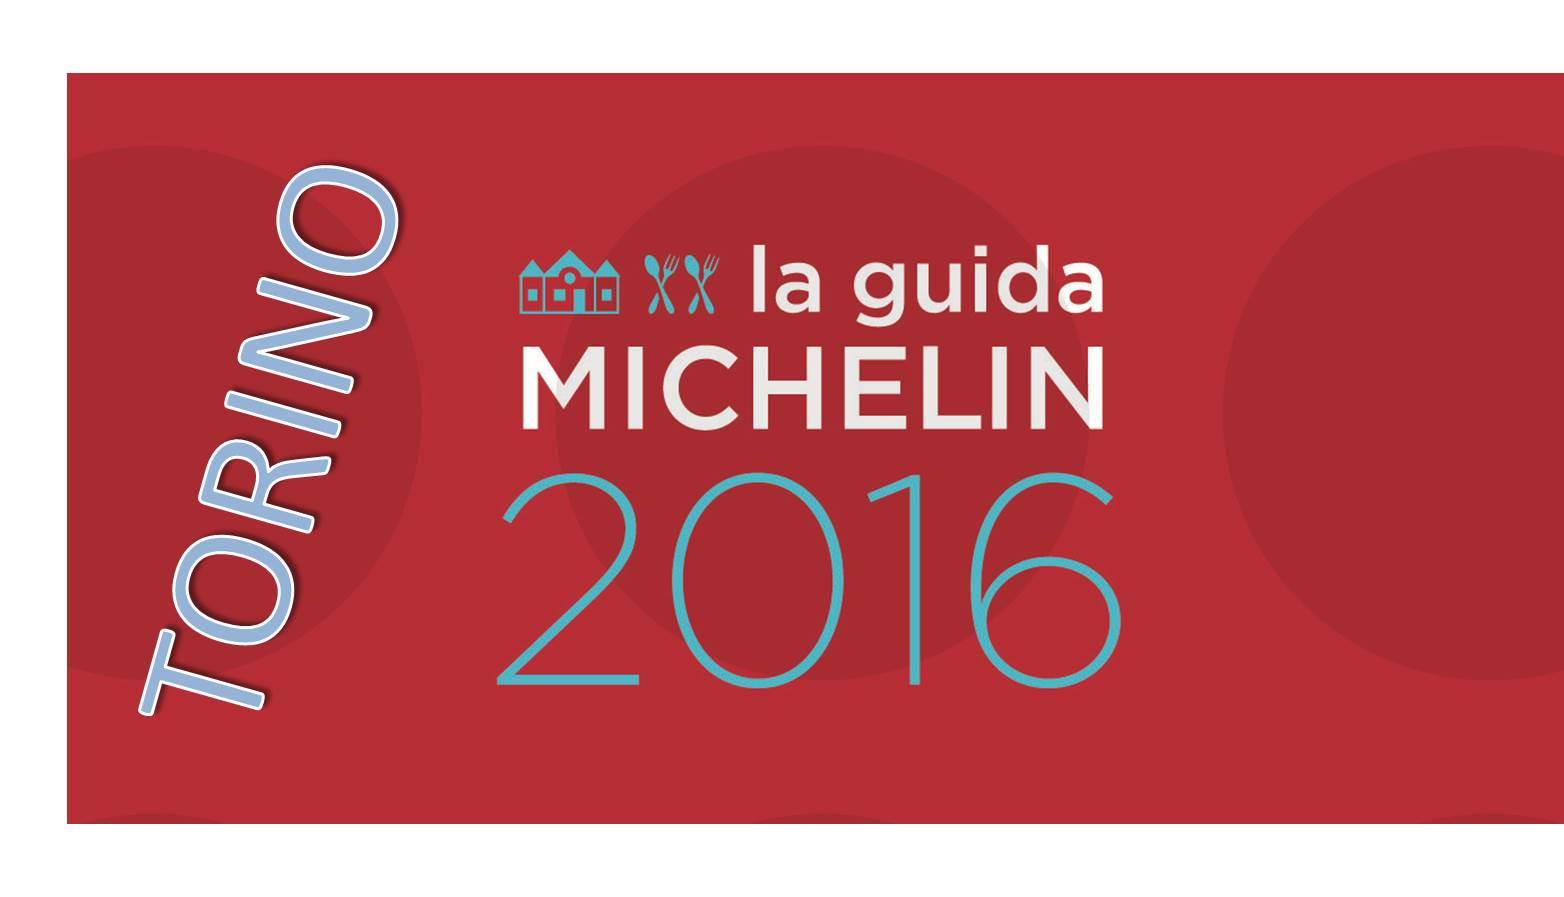 Migliori ristoranti Michelin 2016 a Torino e provincia